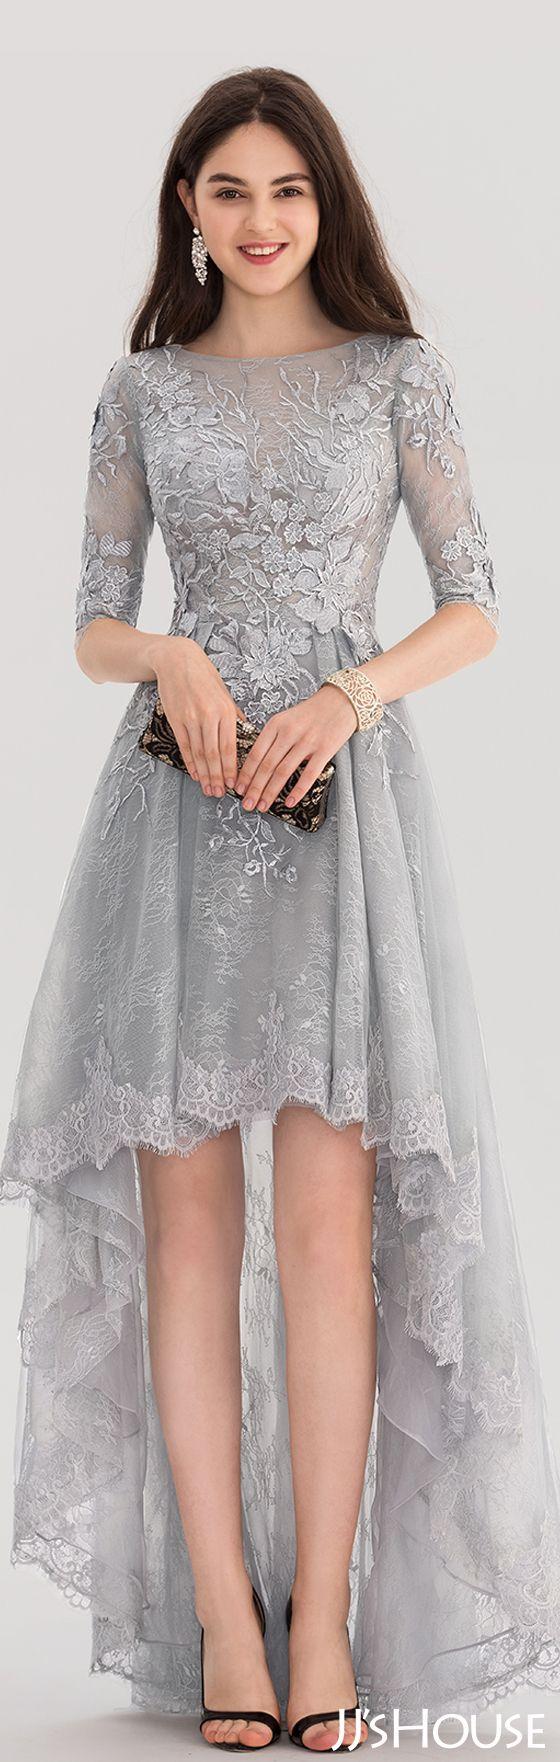 Jjshouse Prom Fashion Dresses Dress Brokat Kebaya Dress